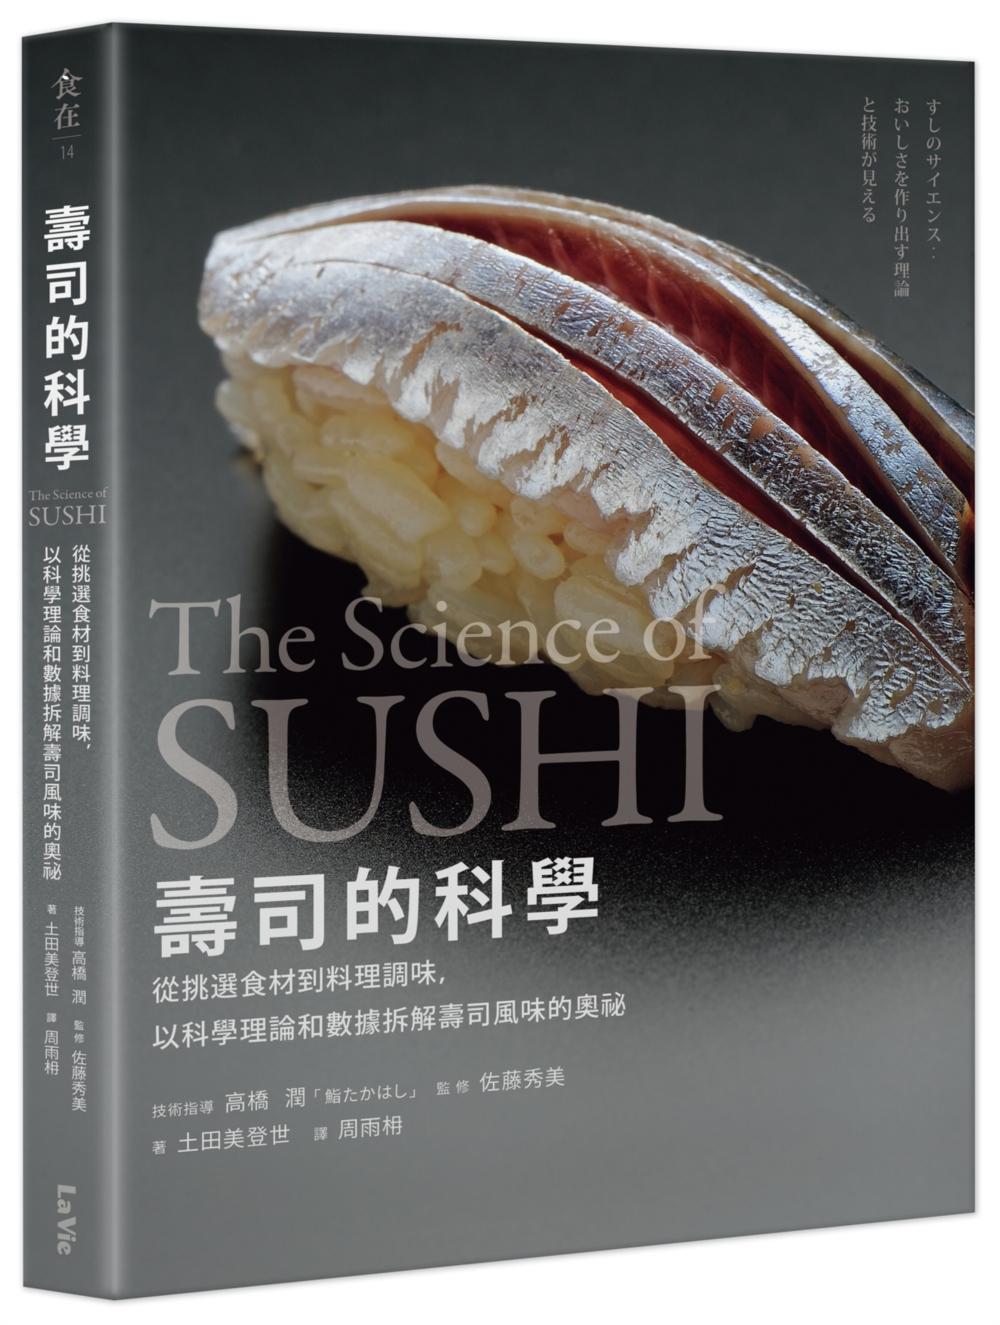 壽司的科學:從挑選食材到料理調...